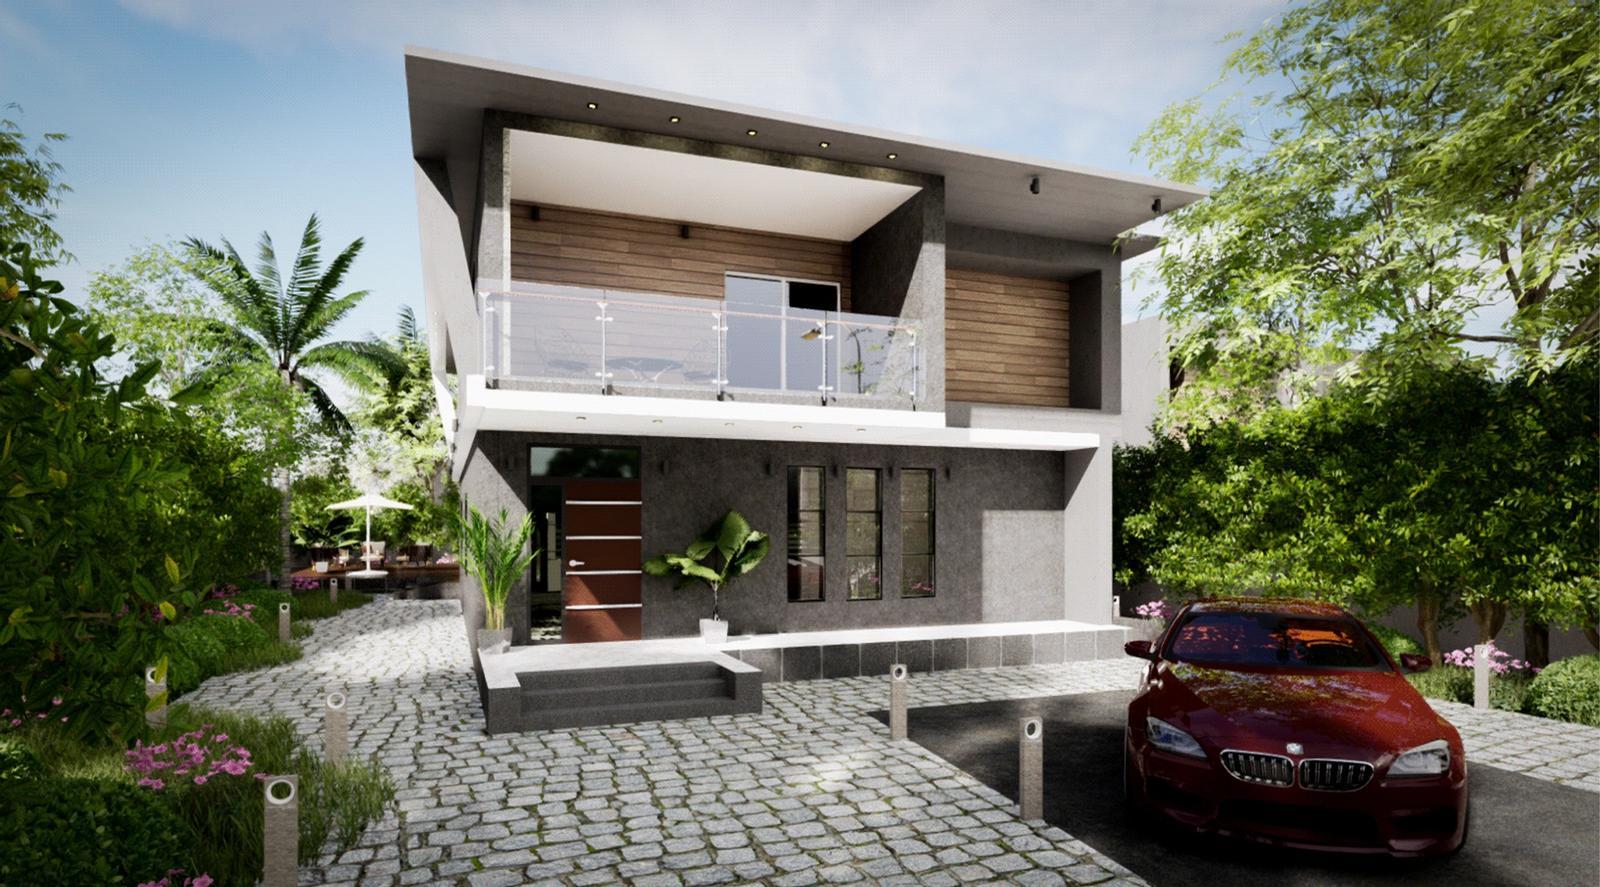 Modern Villa - Exterior Modeling and Visualization ( SketchUp + D5 Render )